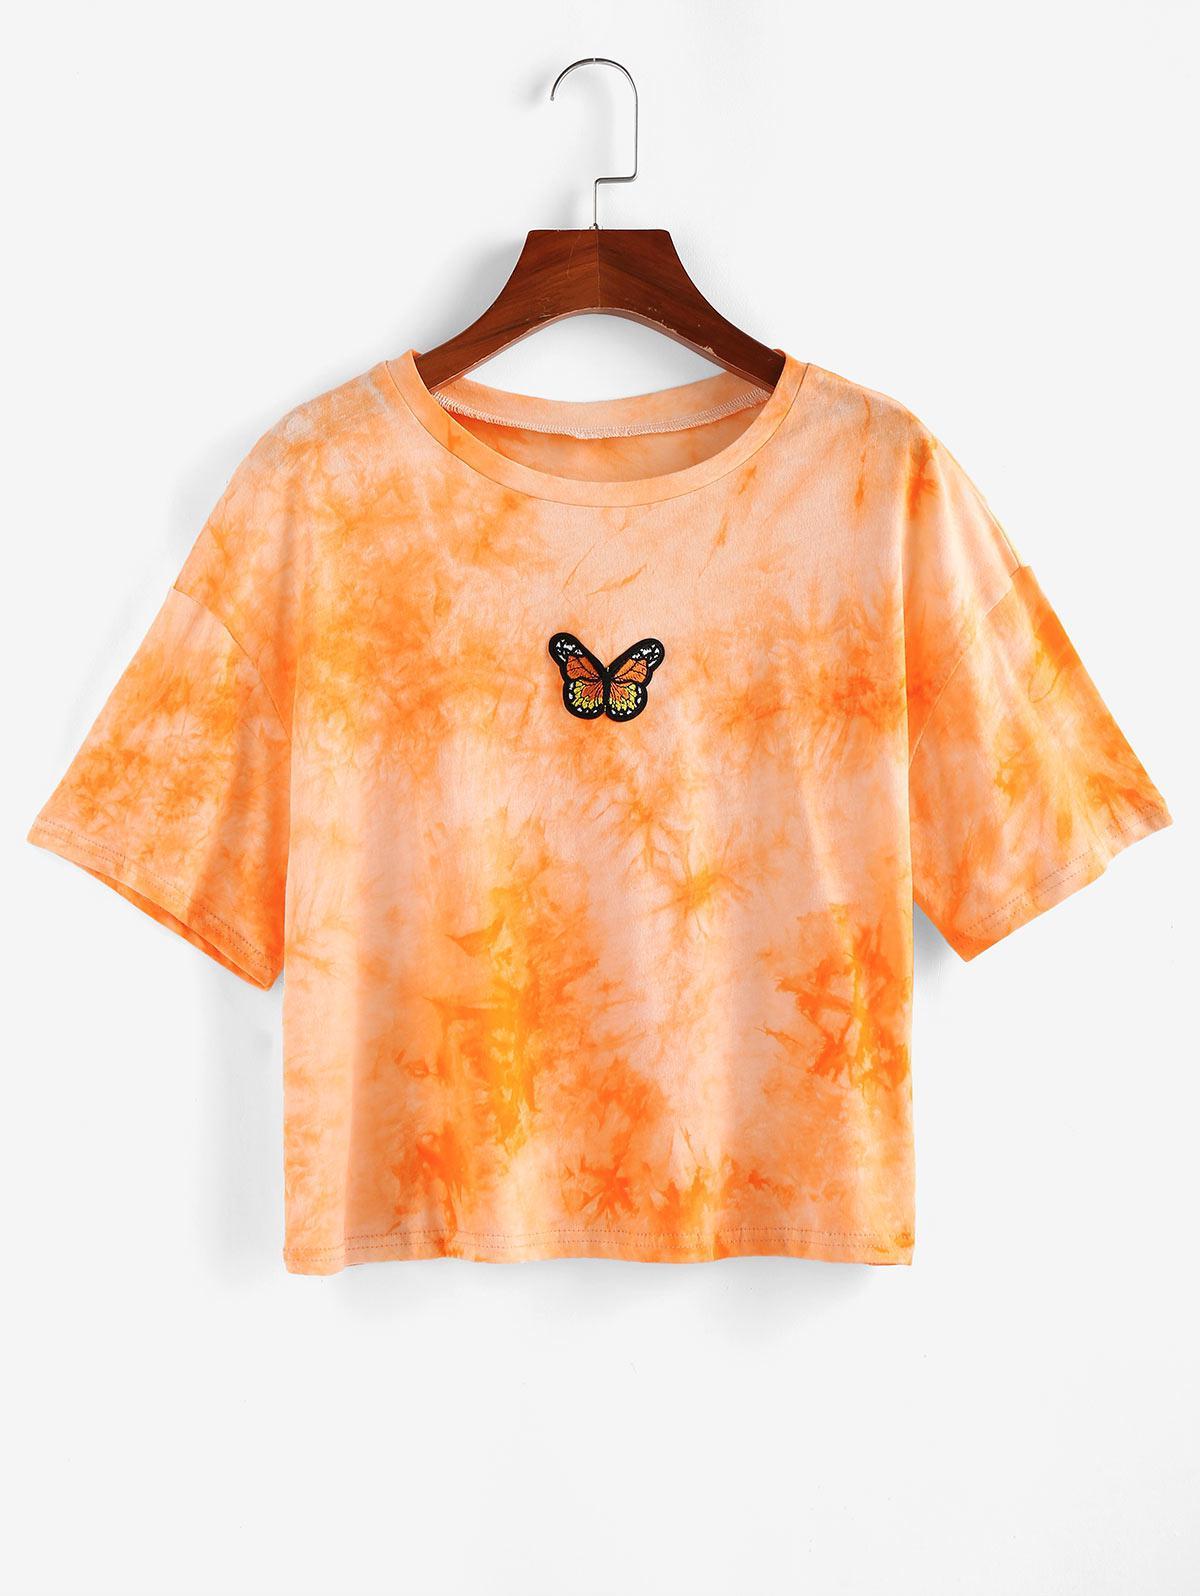 ZAFUL Tie Dye Butterfly Embroidered T Shirt, Papaya orange